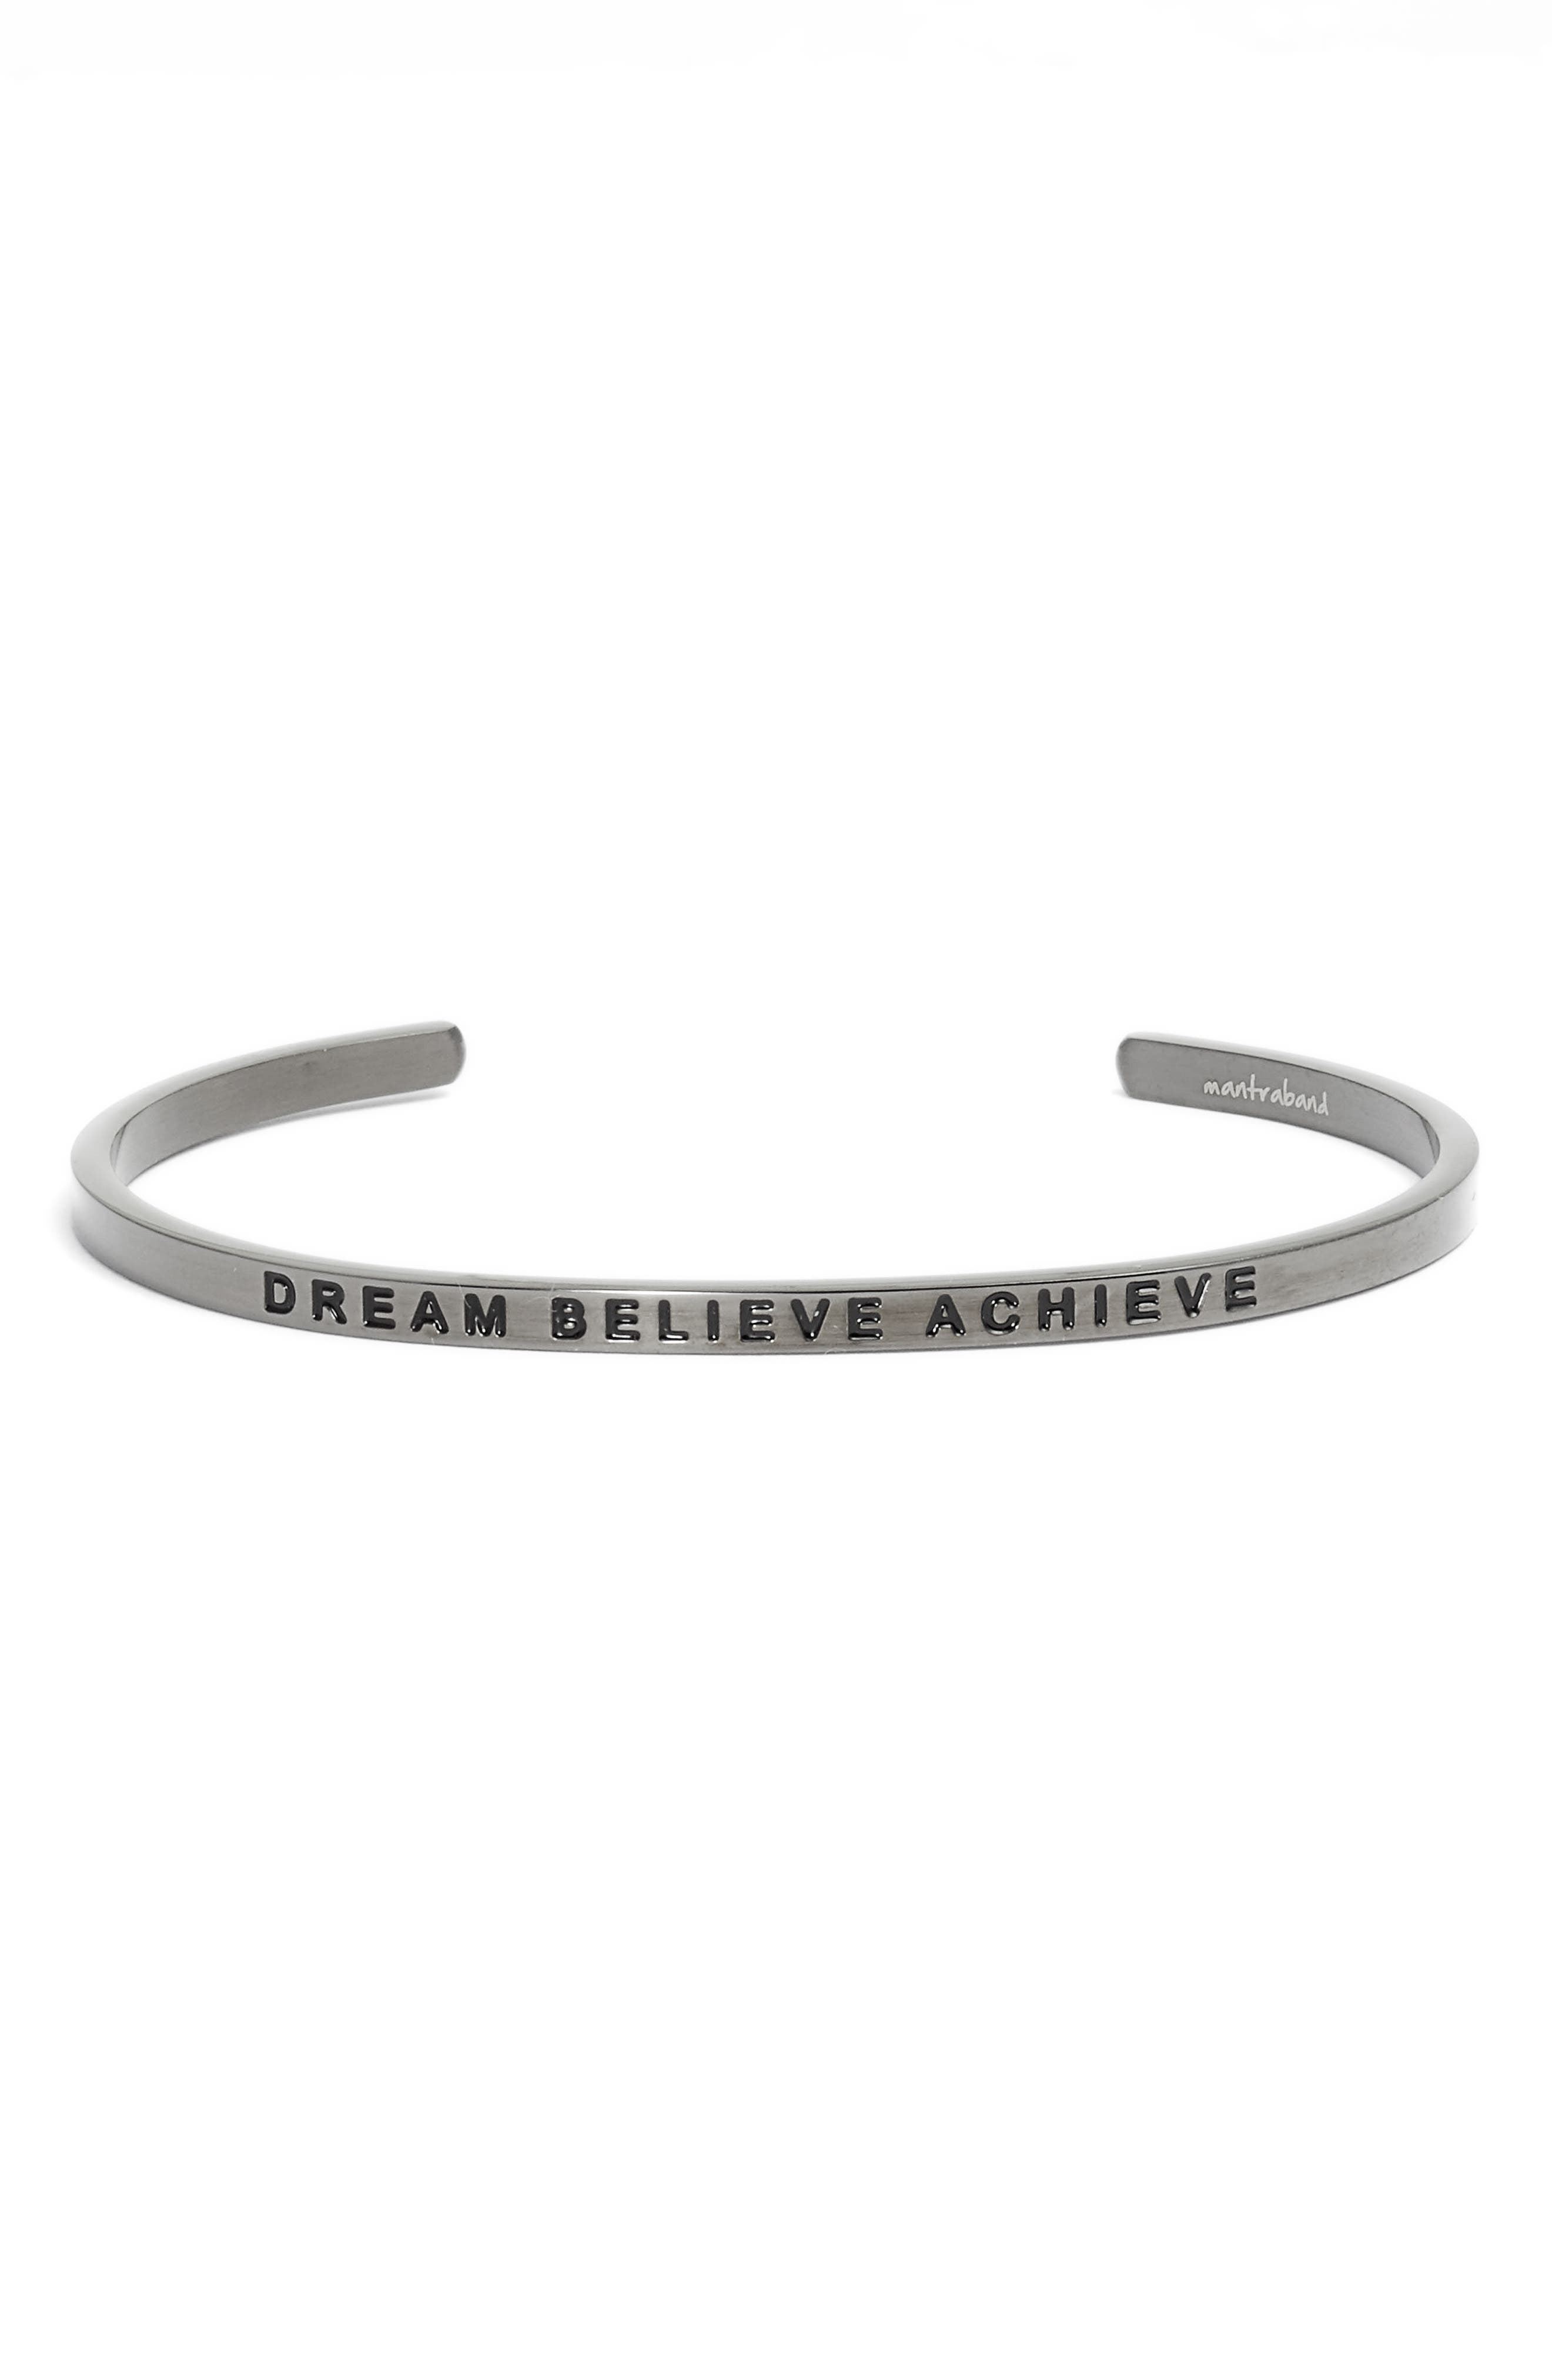 Dream Believe Achieve Cuff Bracelet,                             Main thumbnail 1, color,                             Moon Gray